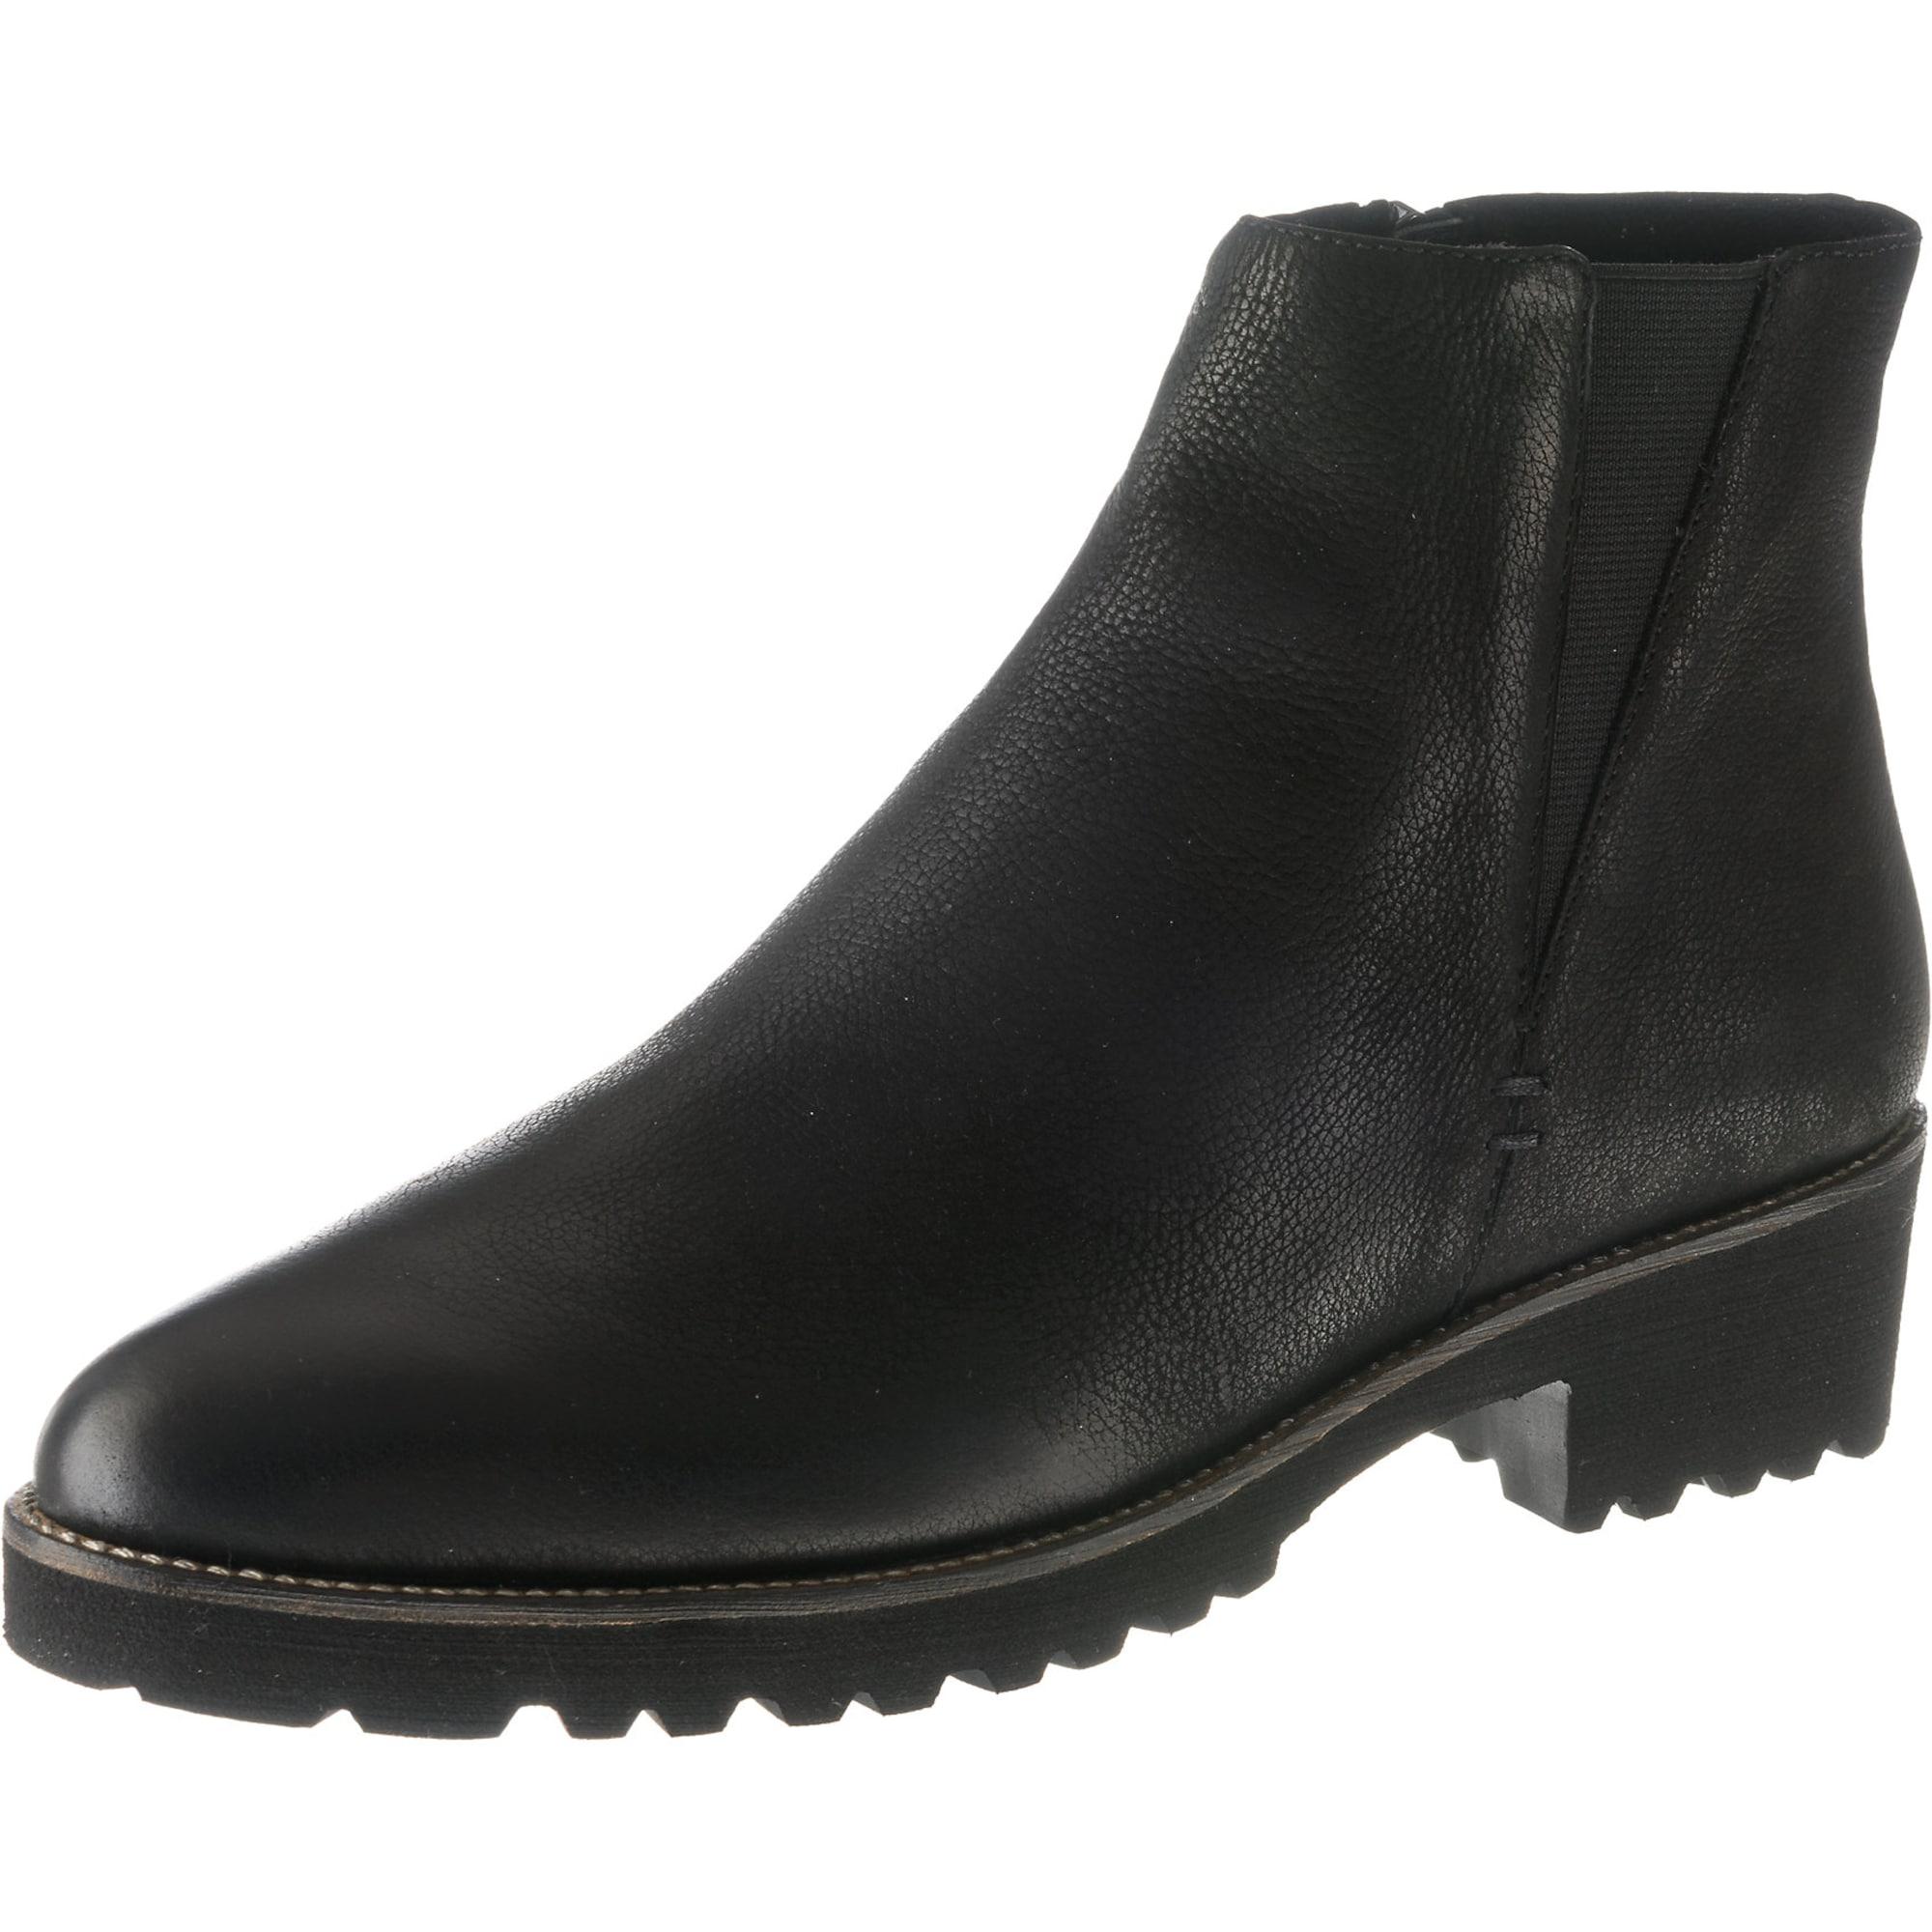 Kotníkové boty Pikery černá SPM